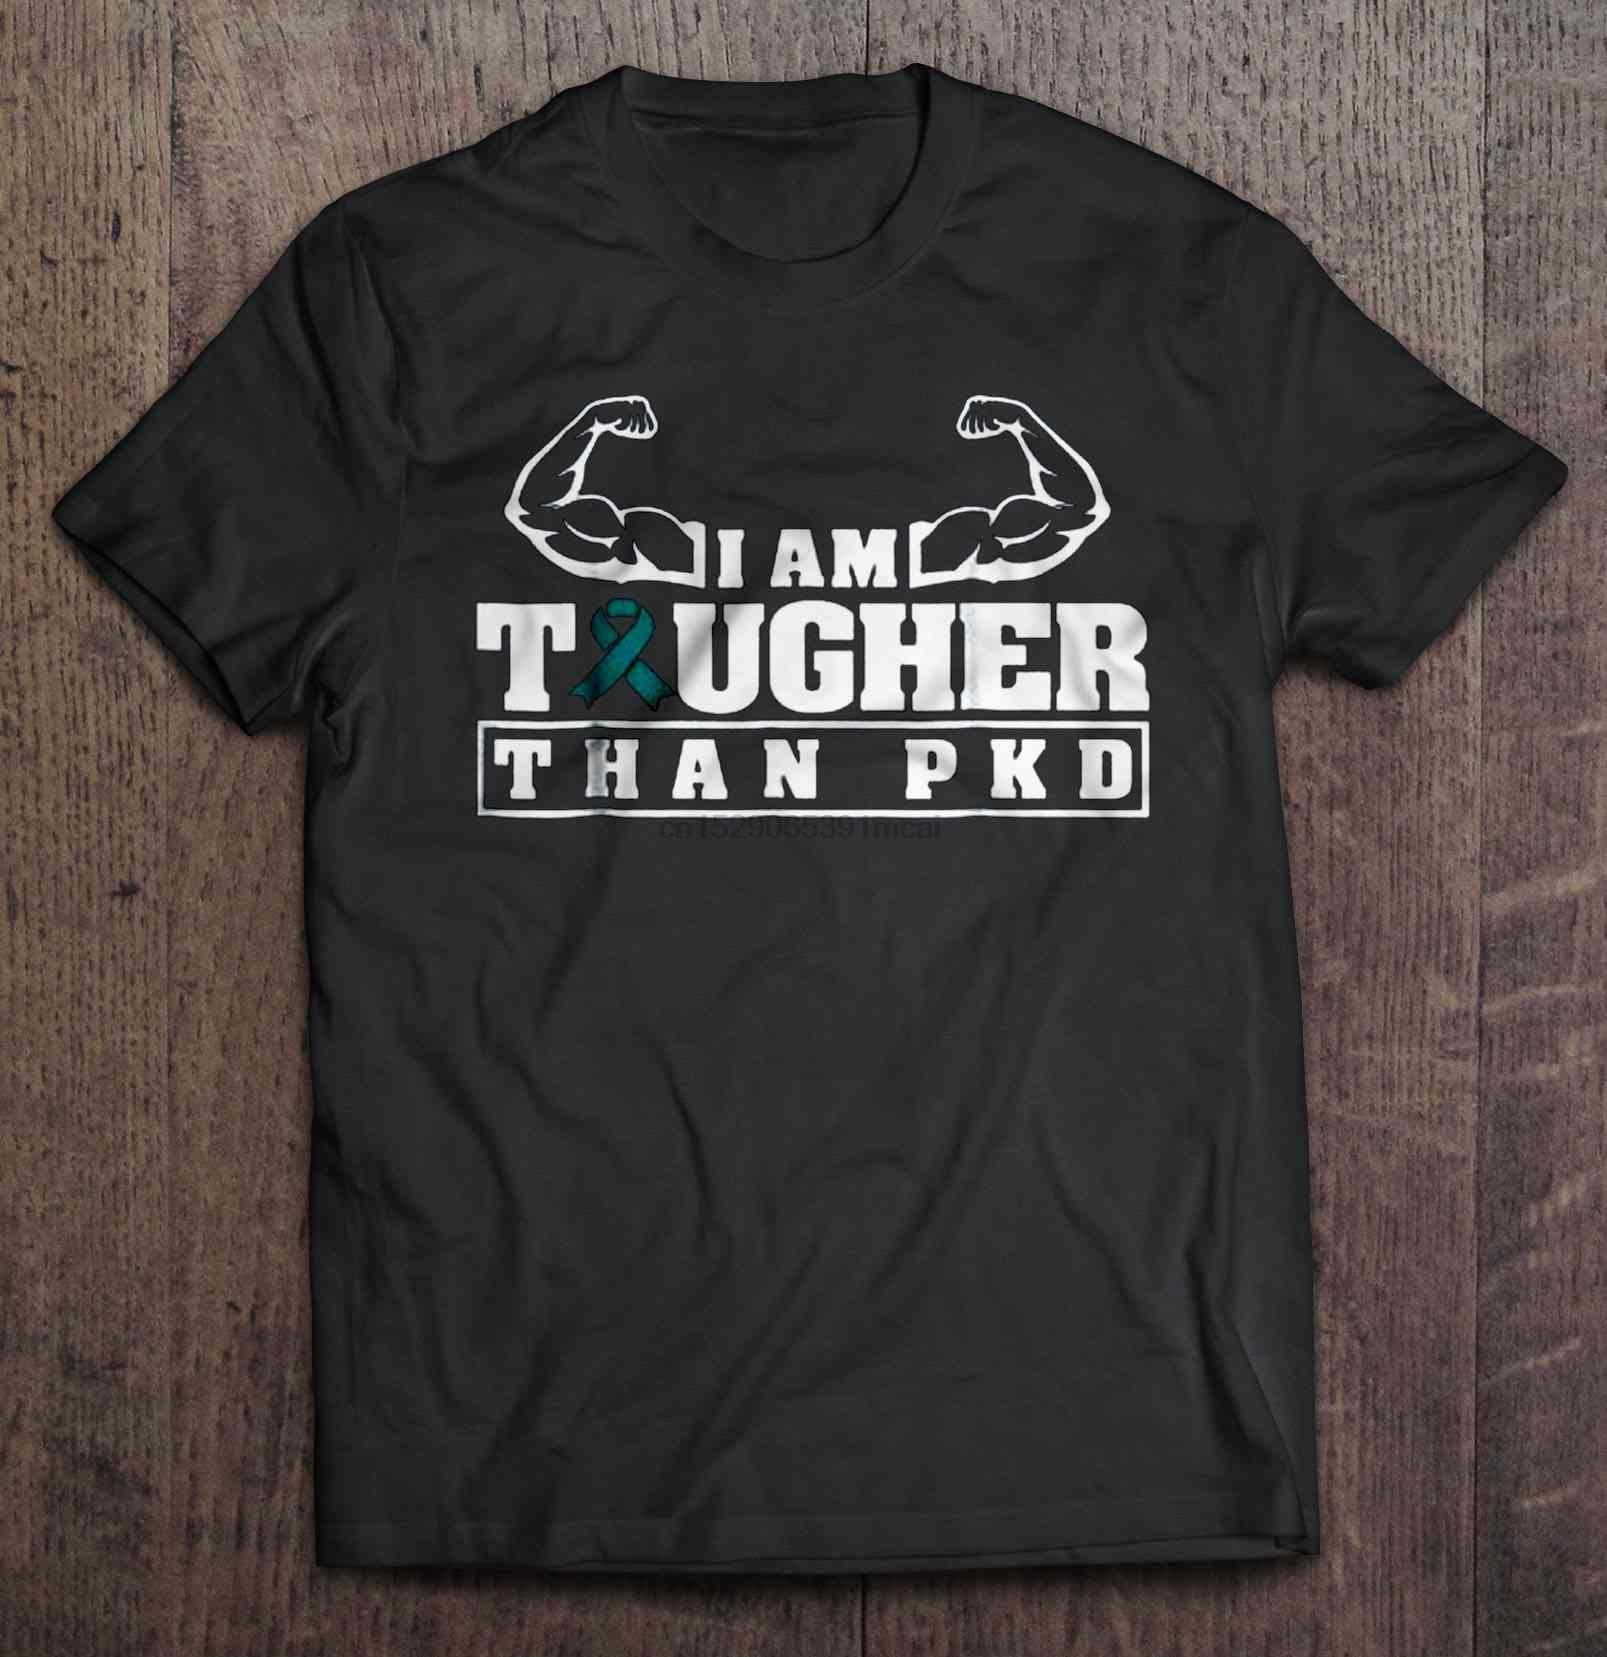 Camiseta feminina engraçado t camisa de moda eu sou mais resistente do que pkd-doença renal policística